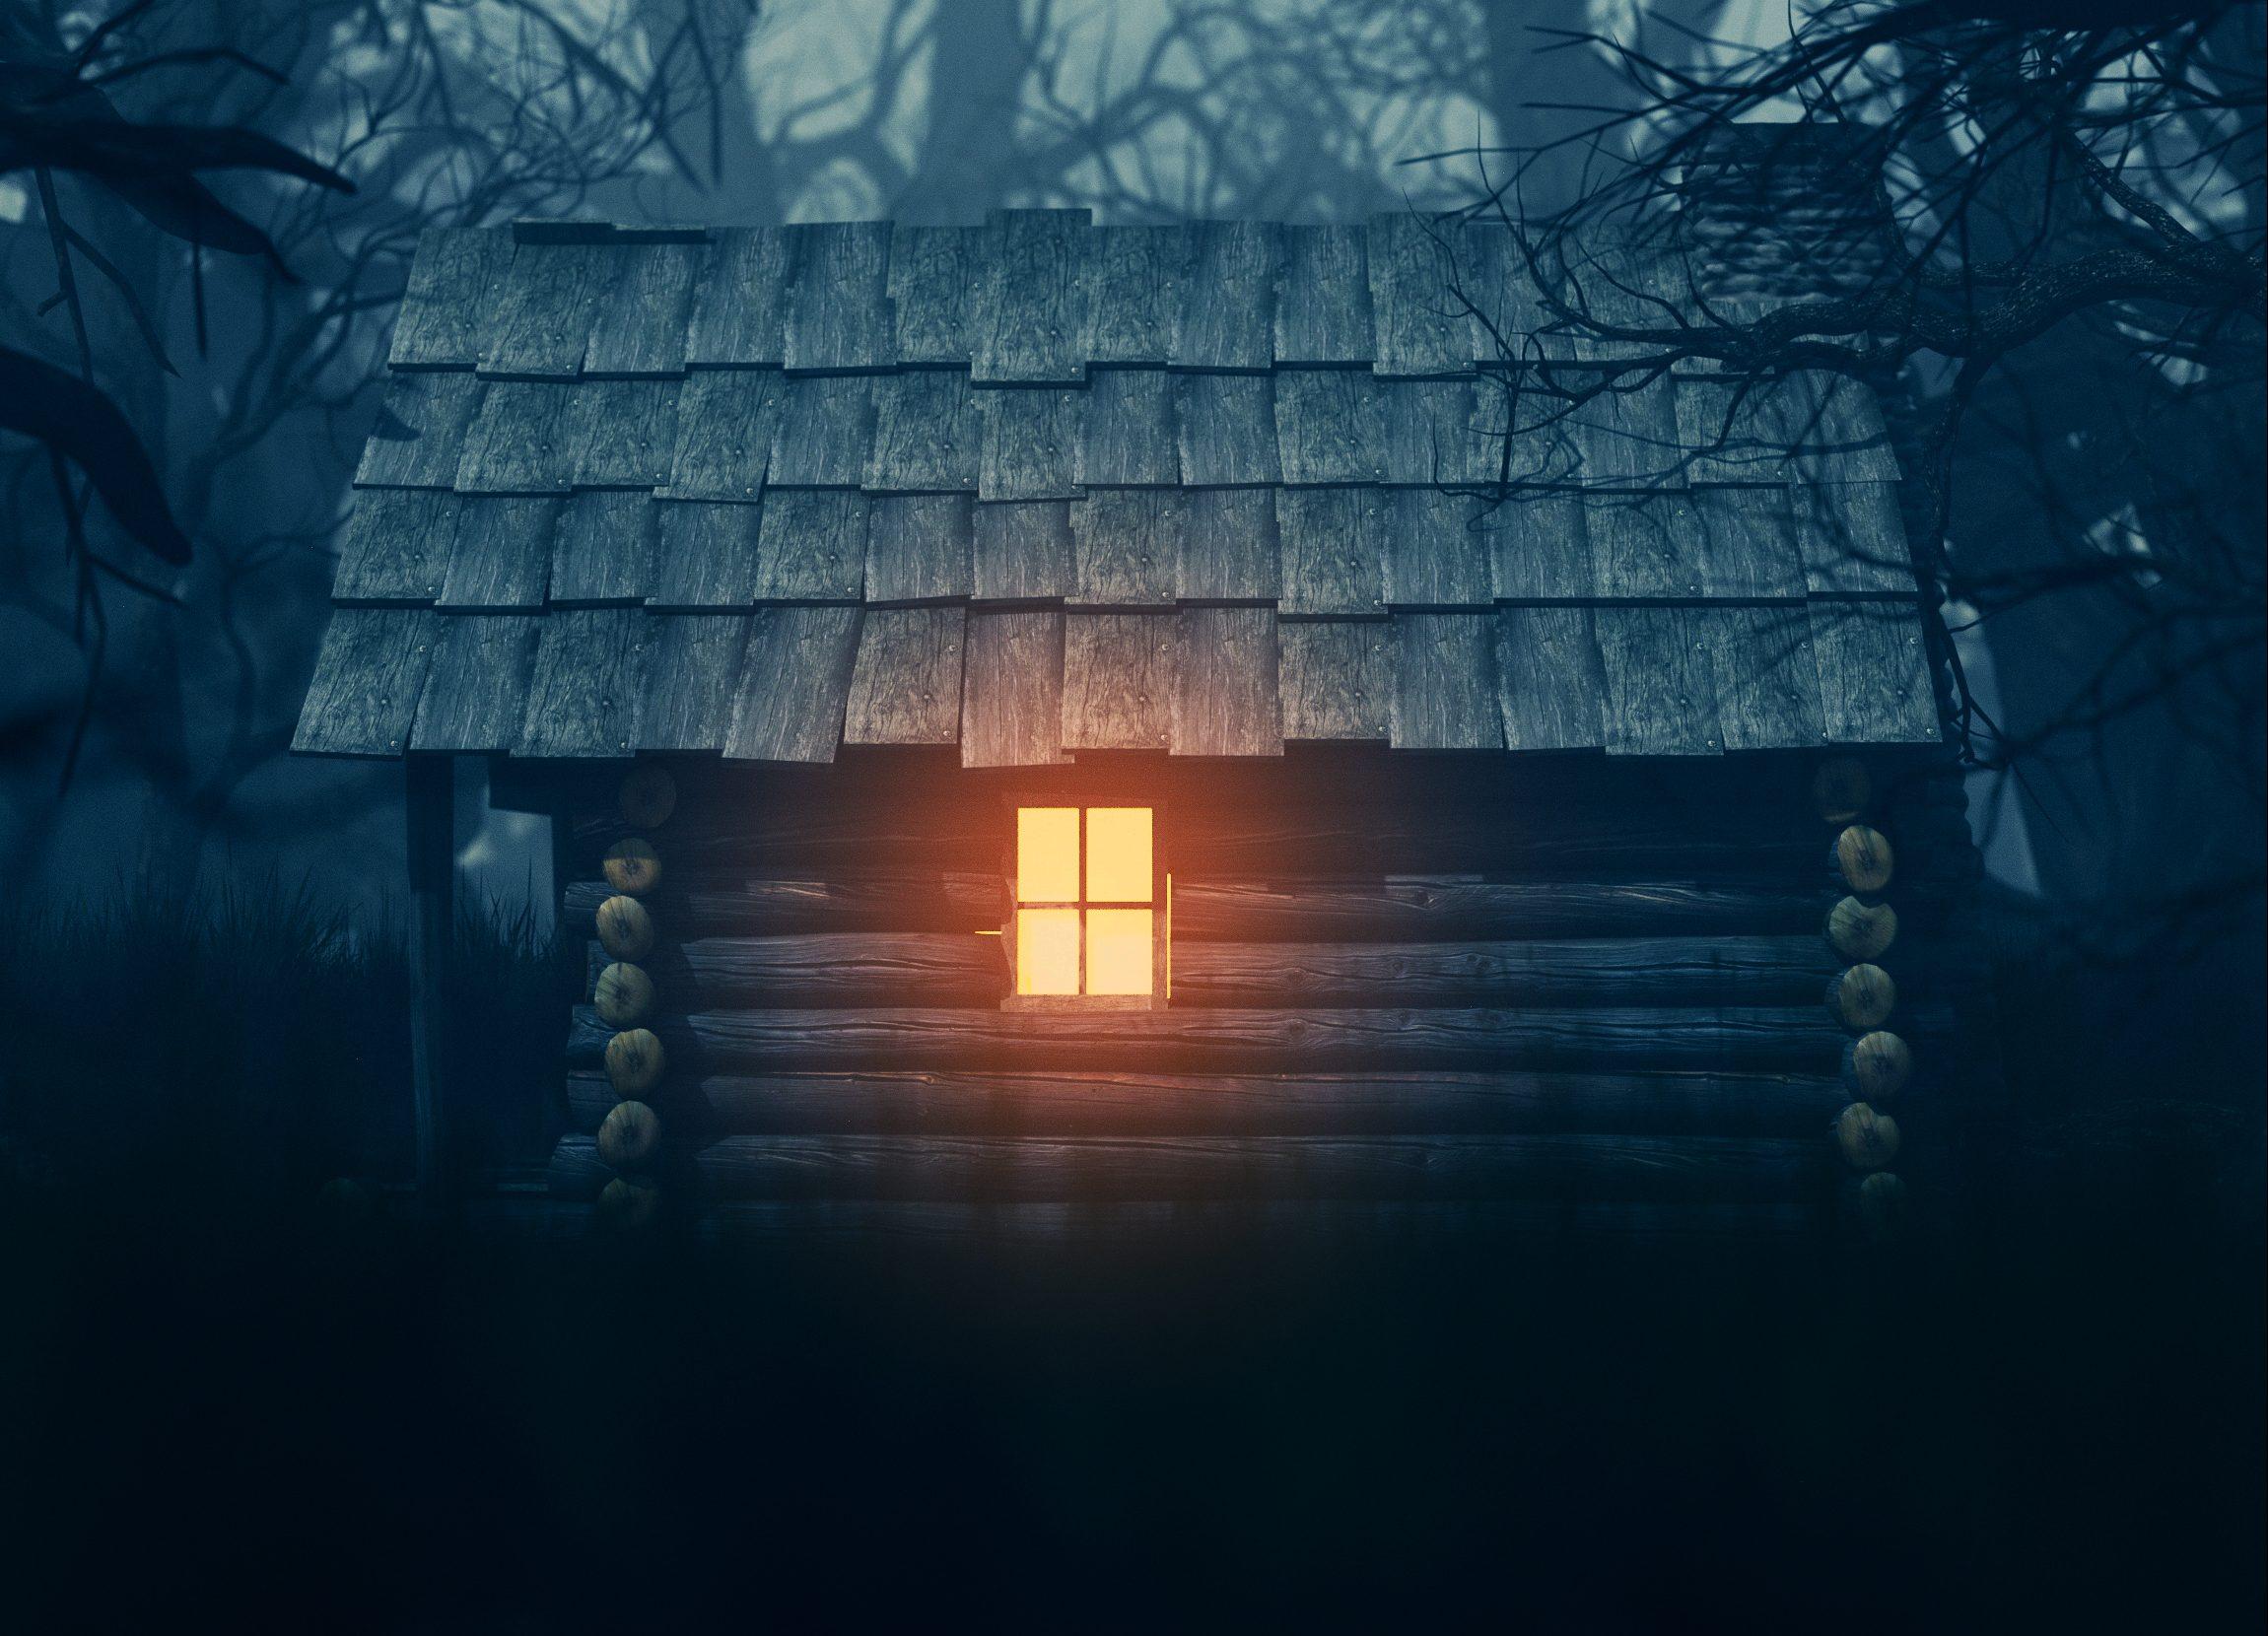 maison en bois en forêt la nuit